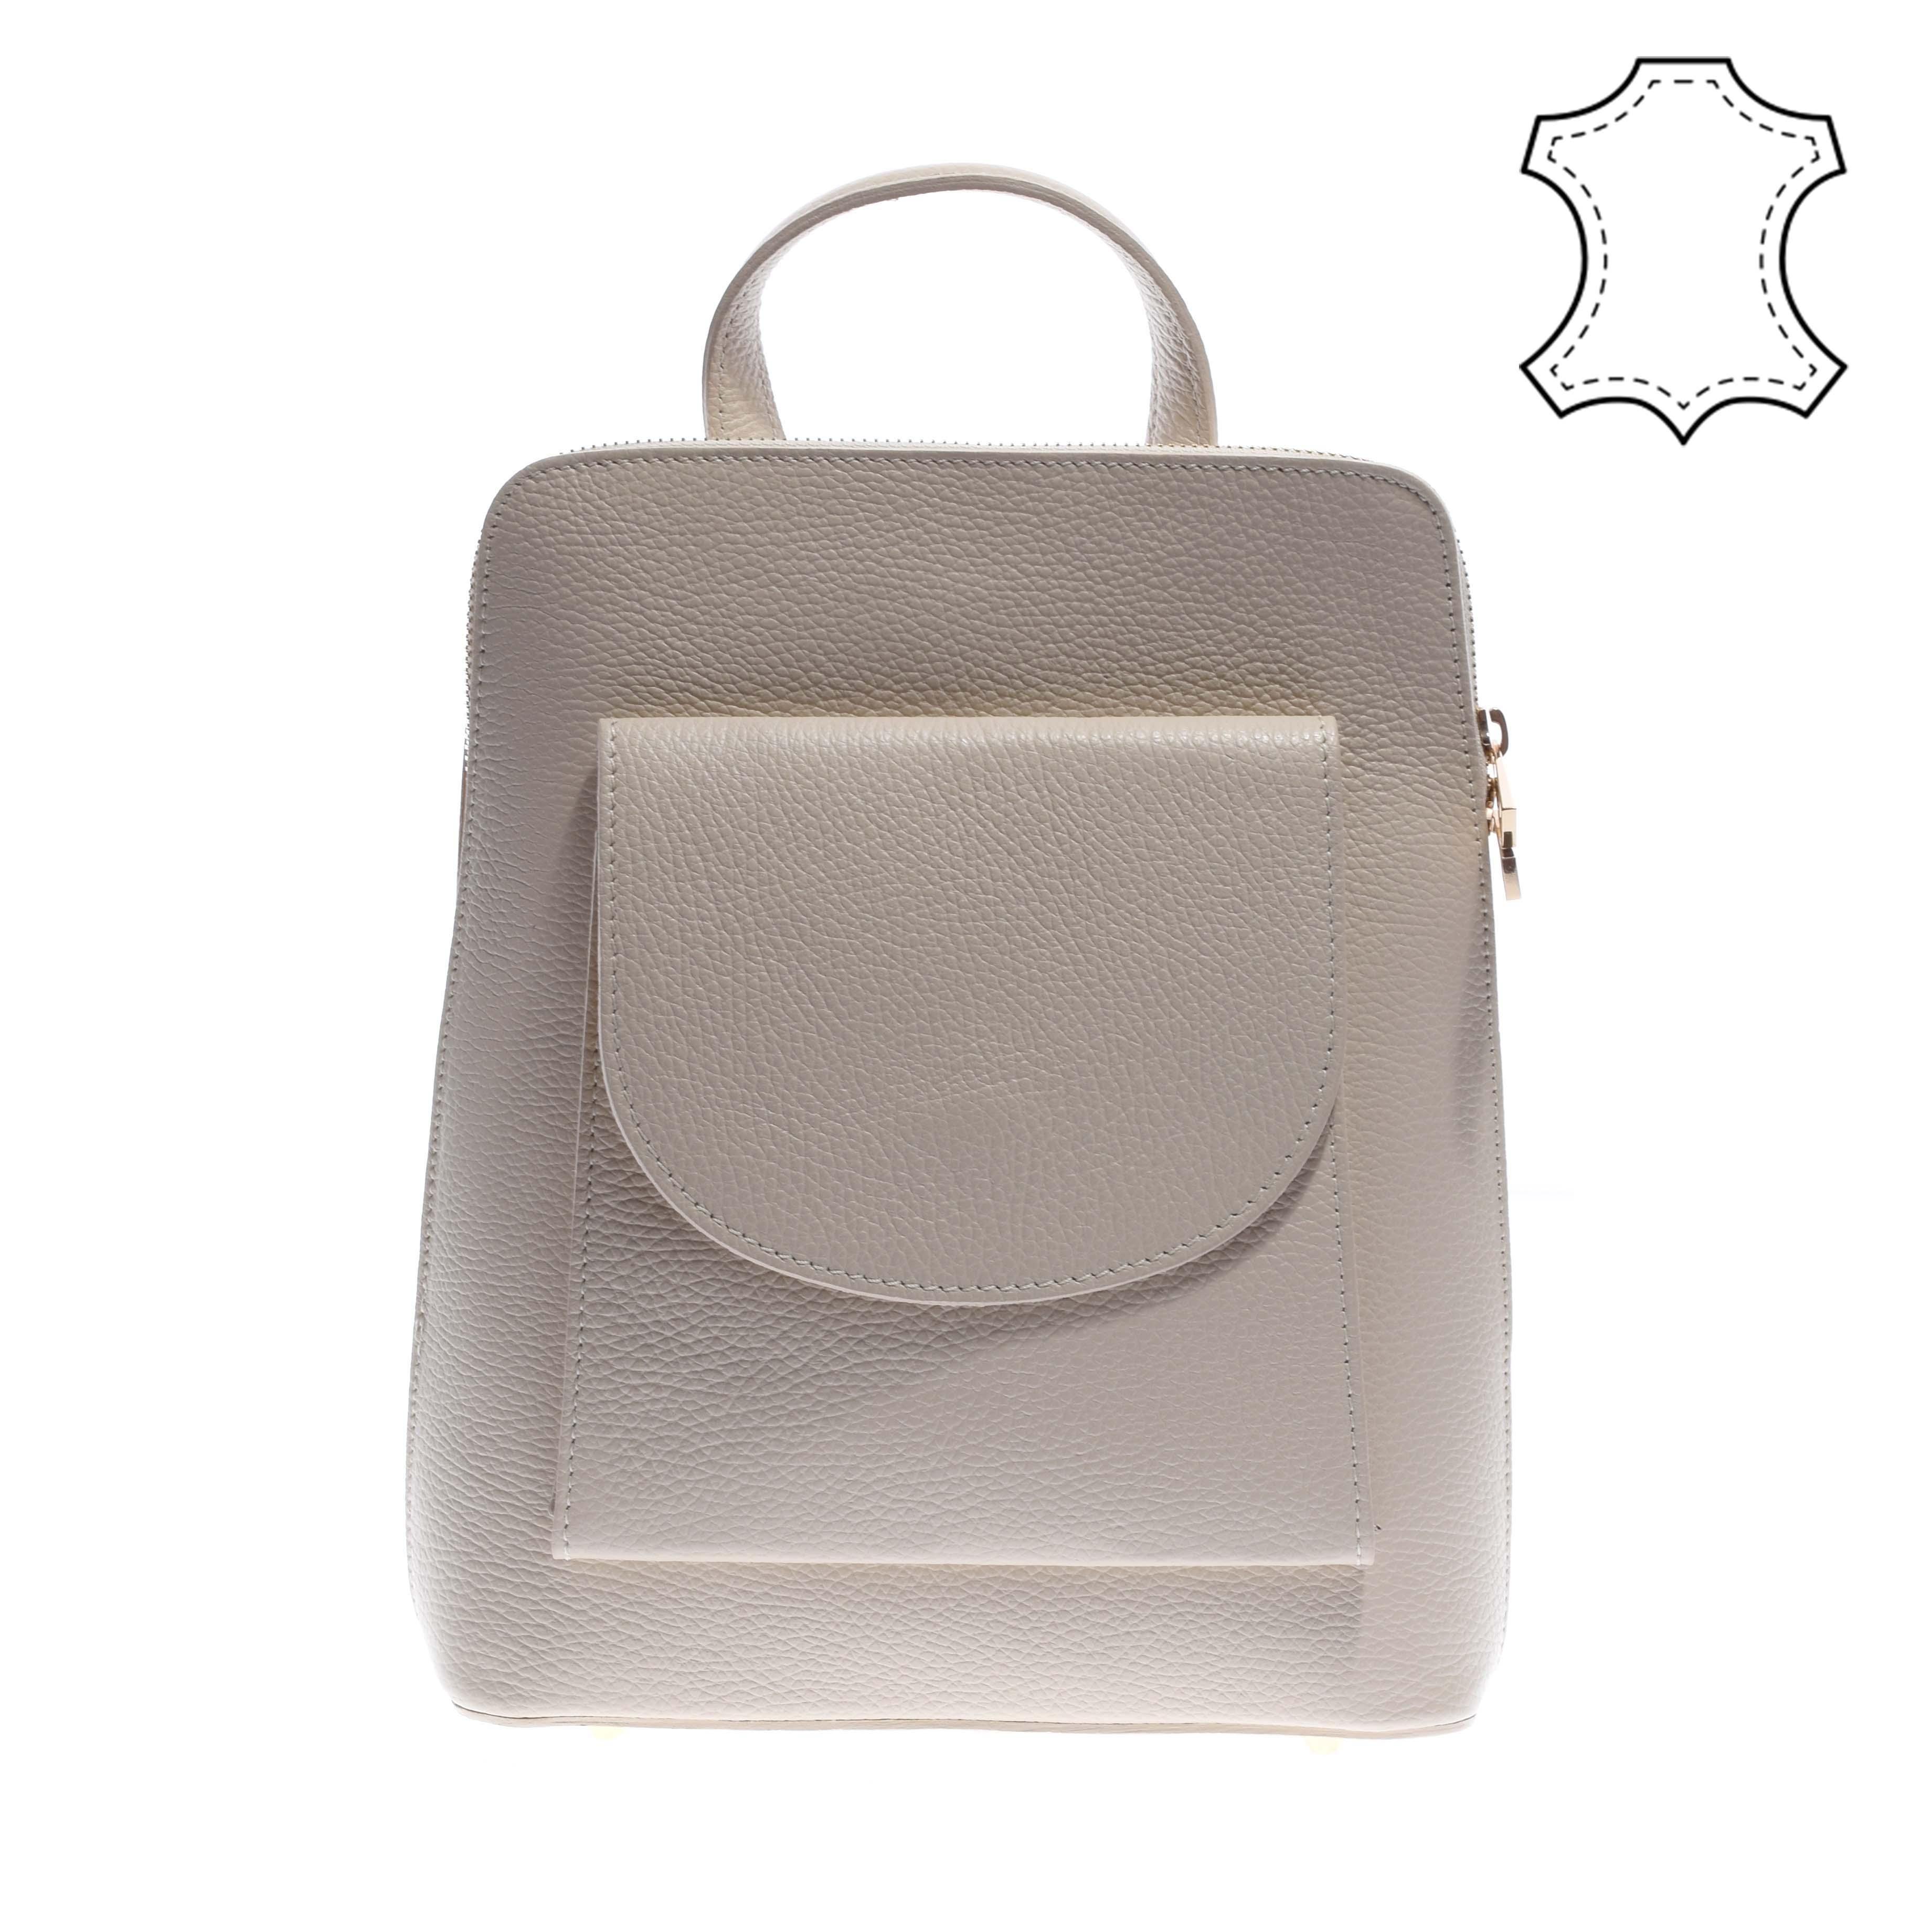 Bézs női valódi bőr hátitáska és válltáska - VALÓDI BŐRTÁSKÁK - Táska  webáruház - Minőségi táskák mindenkinek b5ec13a35d